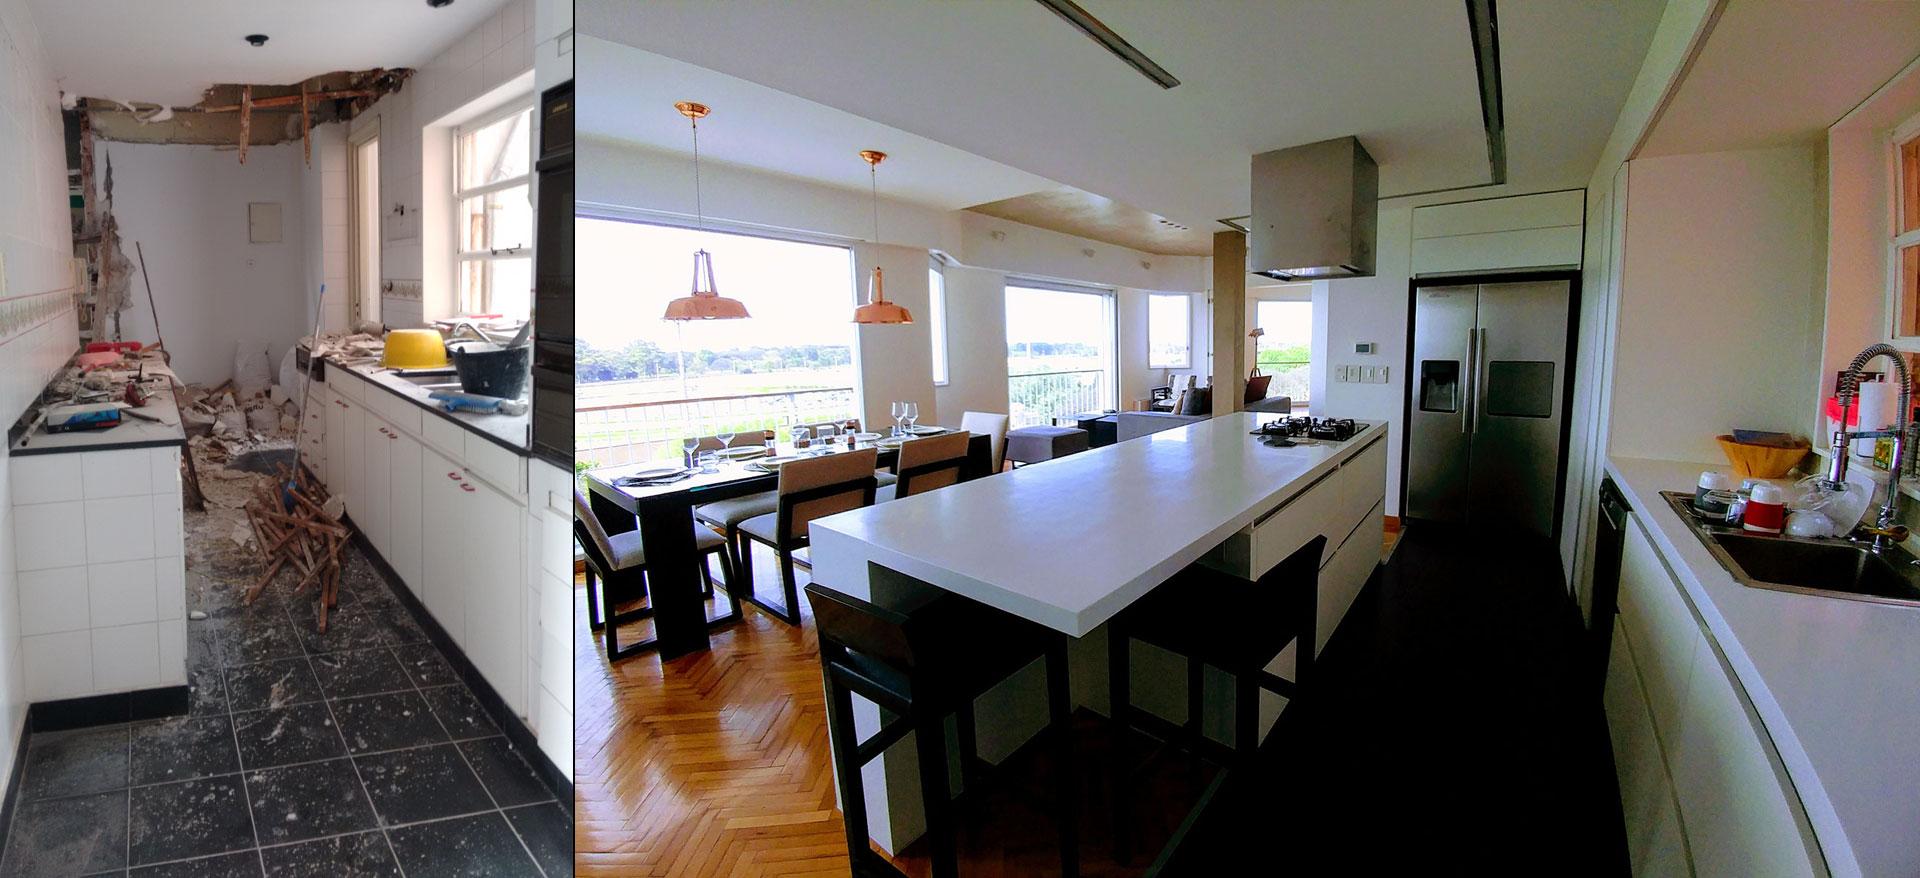 Antes y después, cocina antes de la reforma y diseño moderno de lineas rectas blanca integrada al living comedor